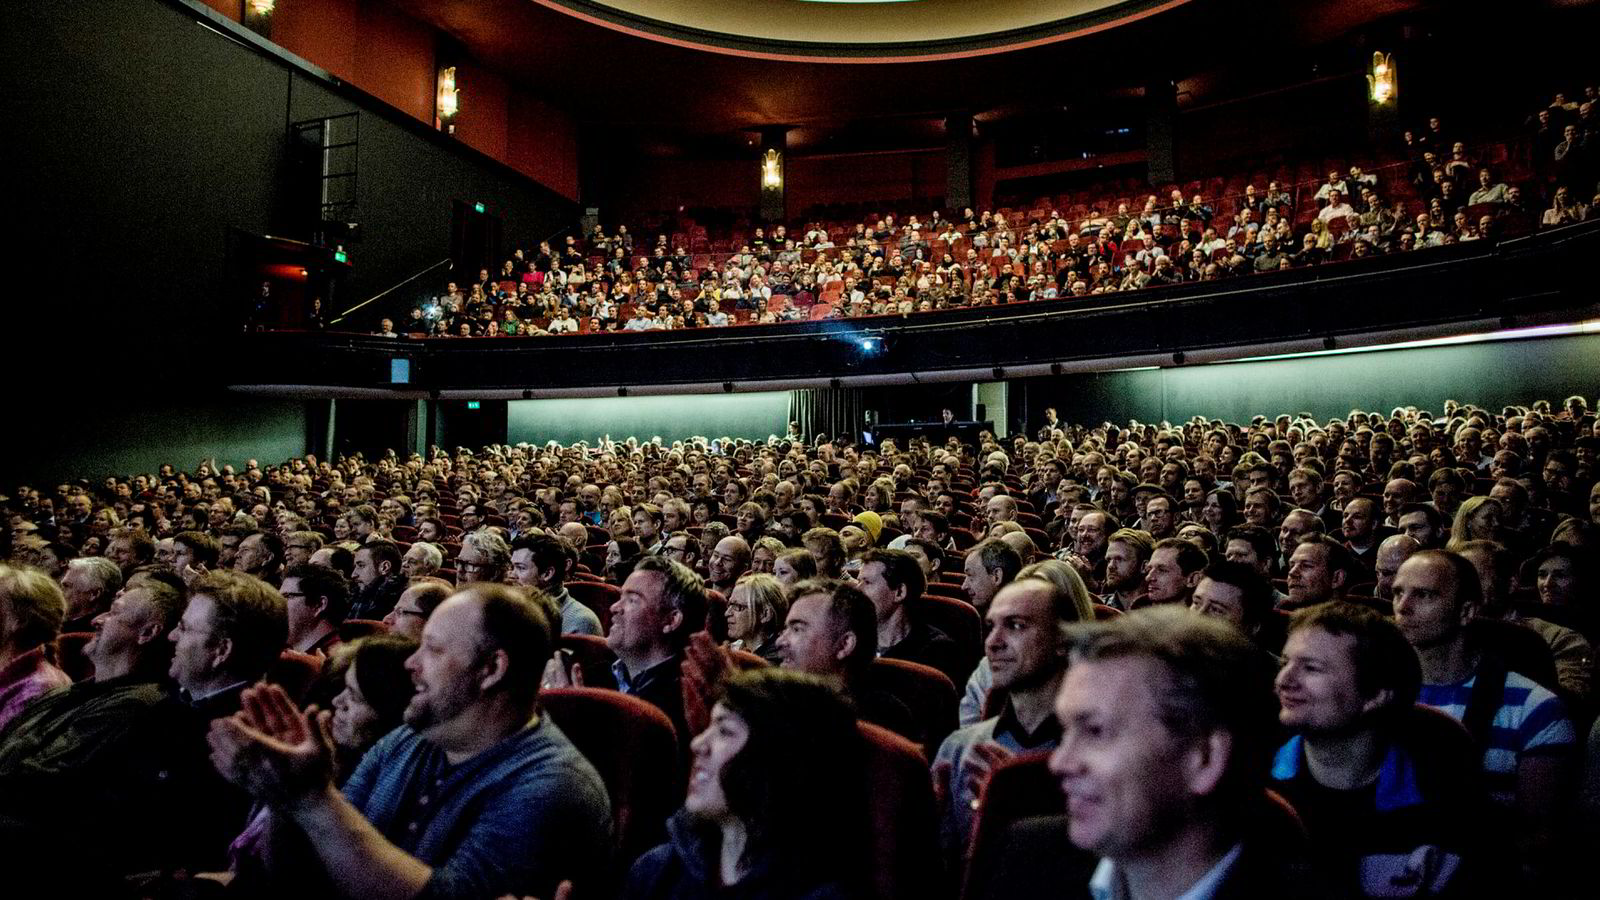 Folketeateret er en privatdrevet musikk- og teaterscene i Oslo sentrum og er i samme marked som Det Norske Teatret. Hovedproblemet er at det store skattefinansierte teateret kan tilby lavere billettpriser enn den private aktøren må ha for å overleve i markedet, med billettsalg som eneste inntekt.